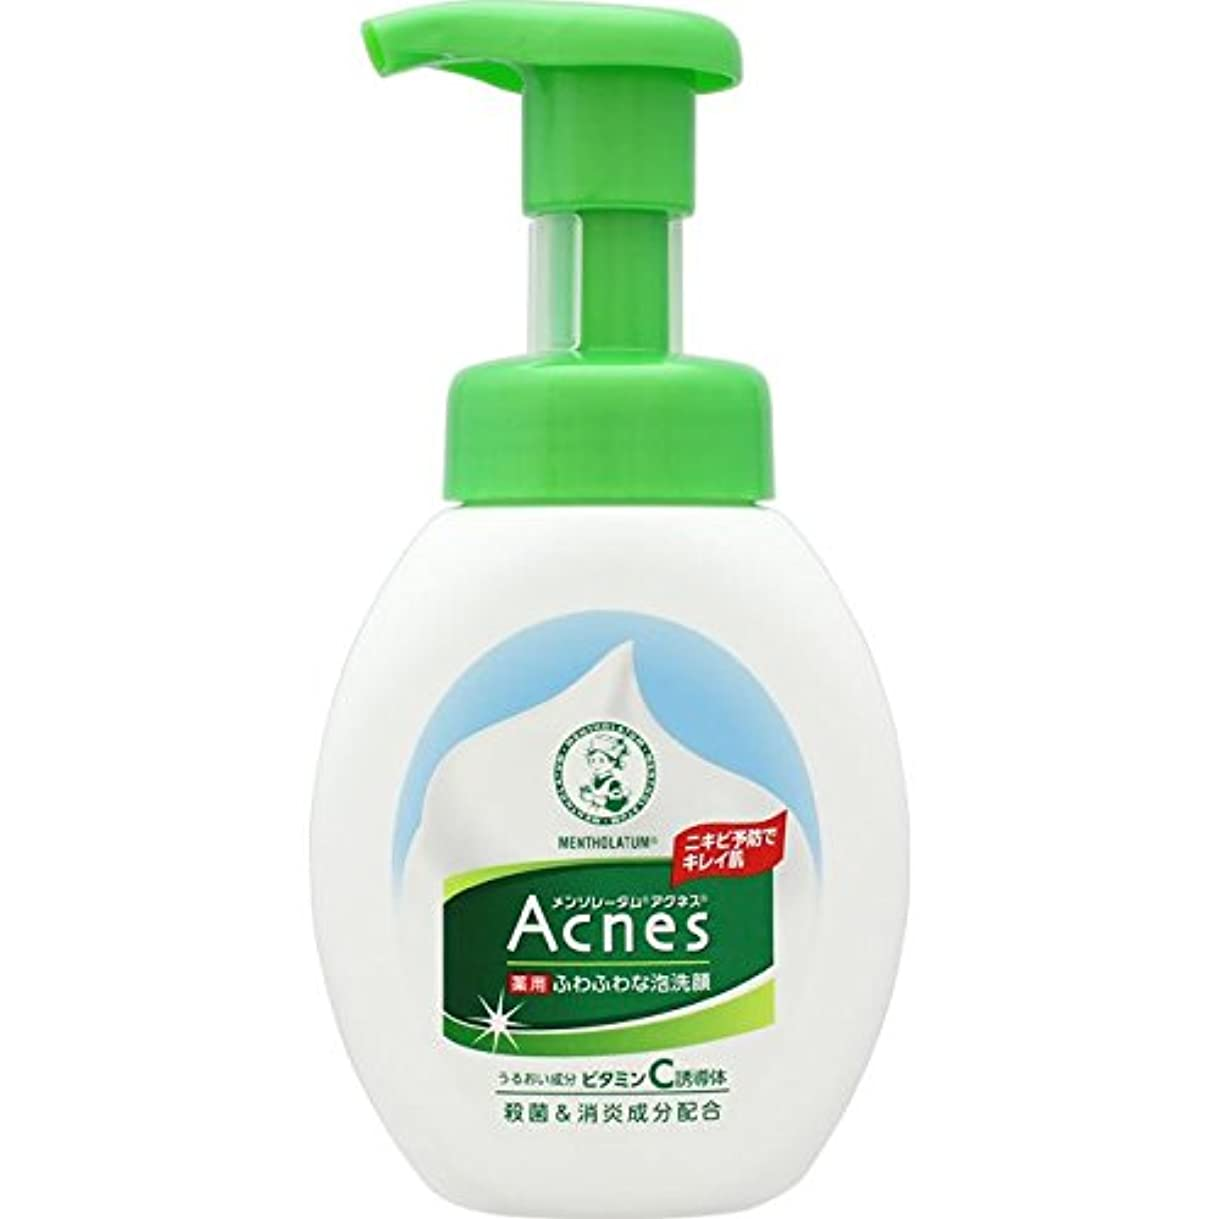 喜び業界するAcnes(アクネス) 薬用ふわふわな泡洗顔 160mL【医薬部外品】